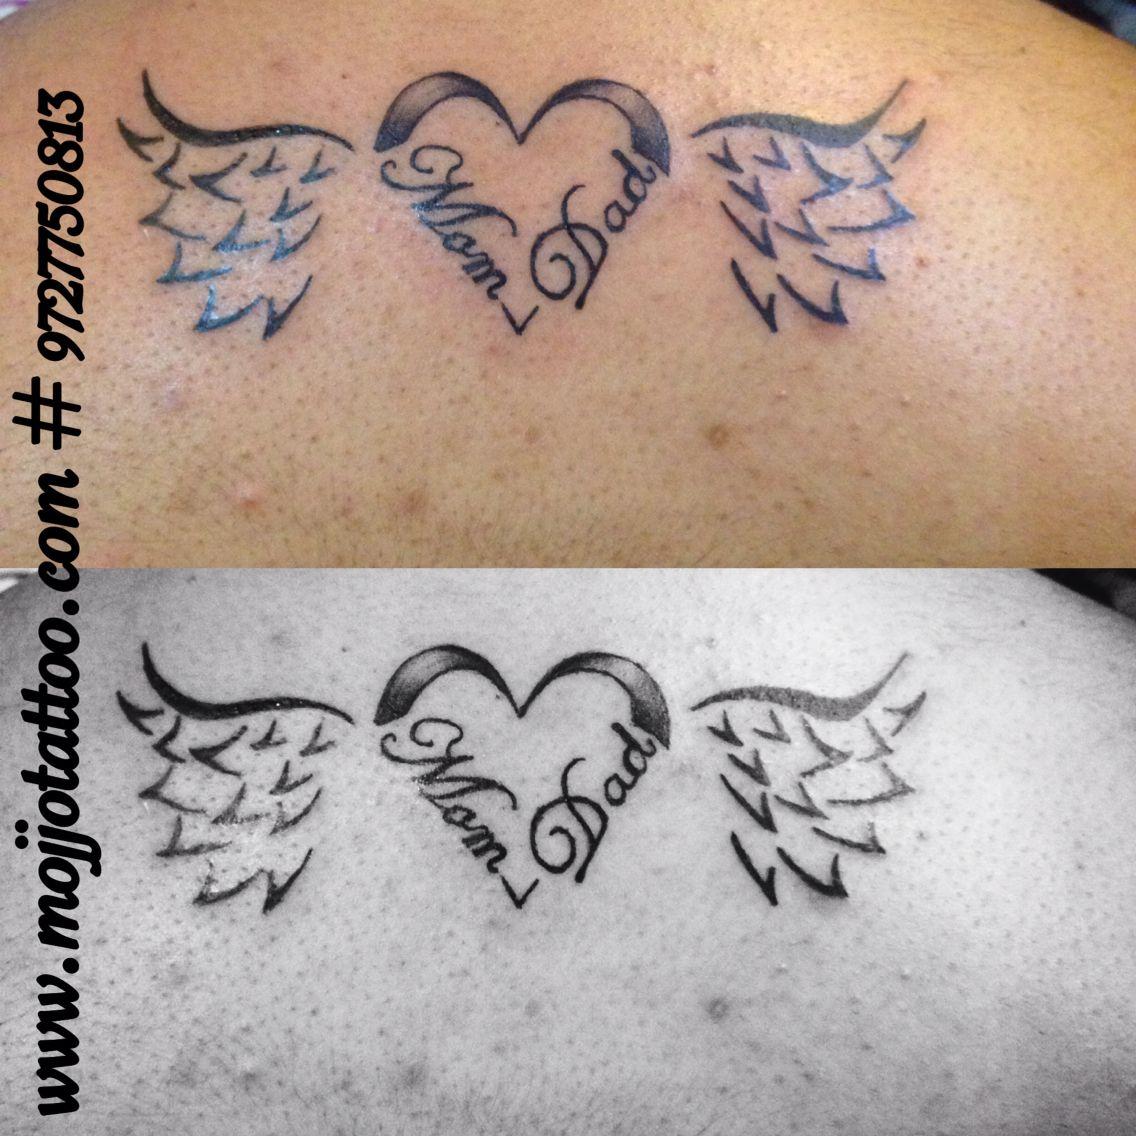 Tattoo Dedicated To Parents Quotes Quotesgram: Tattoo Dedicated To Parents Made By Vaishali At Mojjo